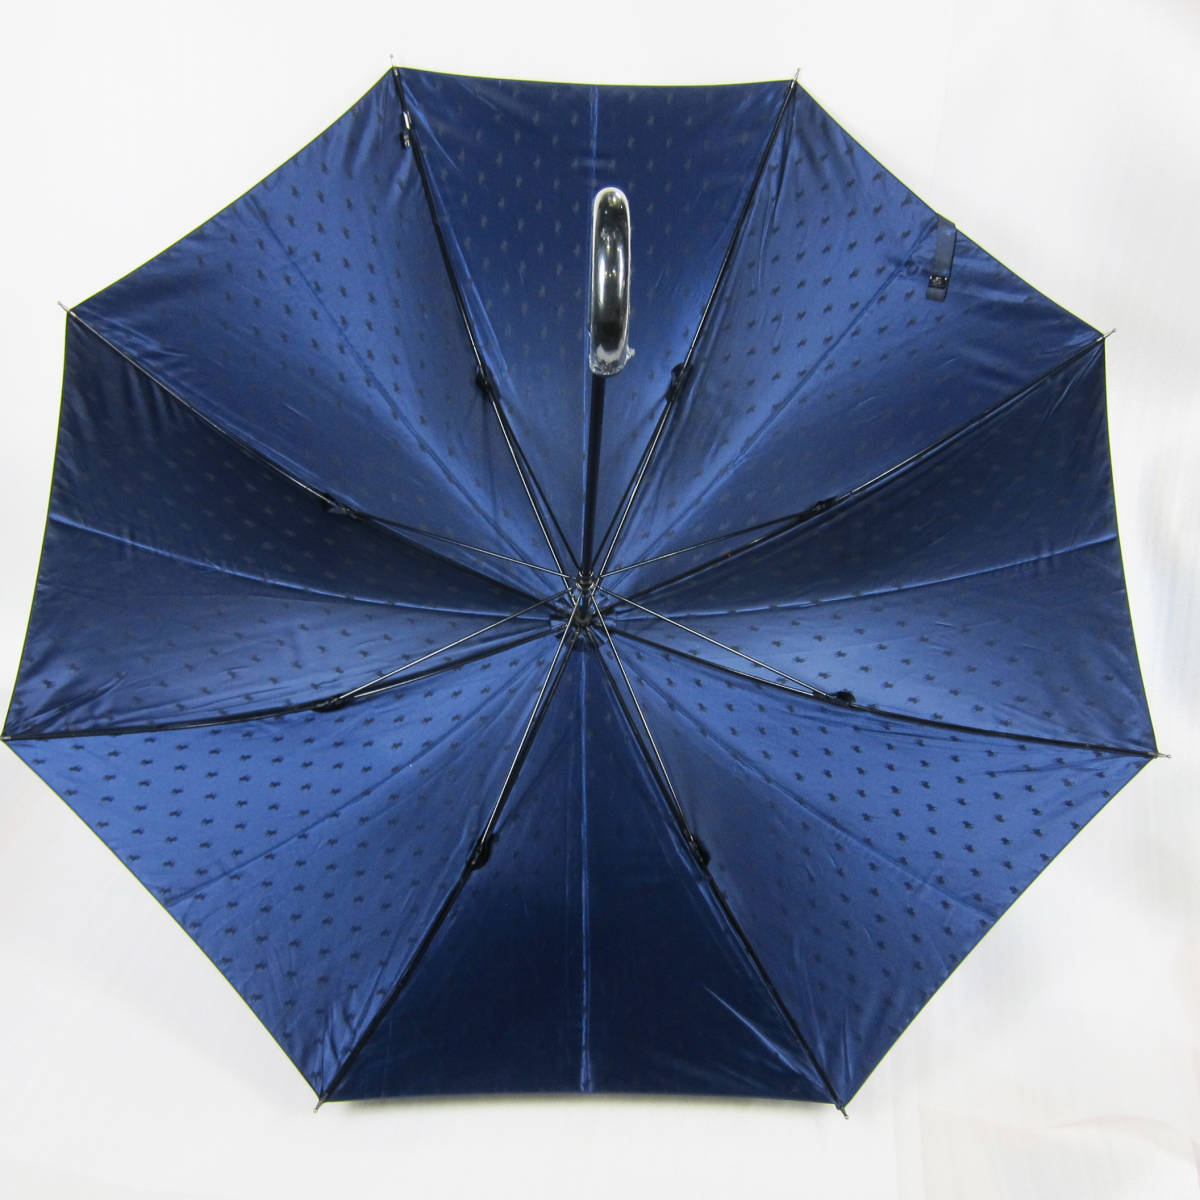 M5149●POLO RALPH LAUREN ポロ ラルフローレン 紳士傘 ポニーマーク ネイビー グラスファイバー骨 65cm USED 中古品_画像3